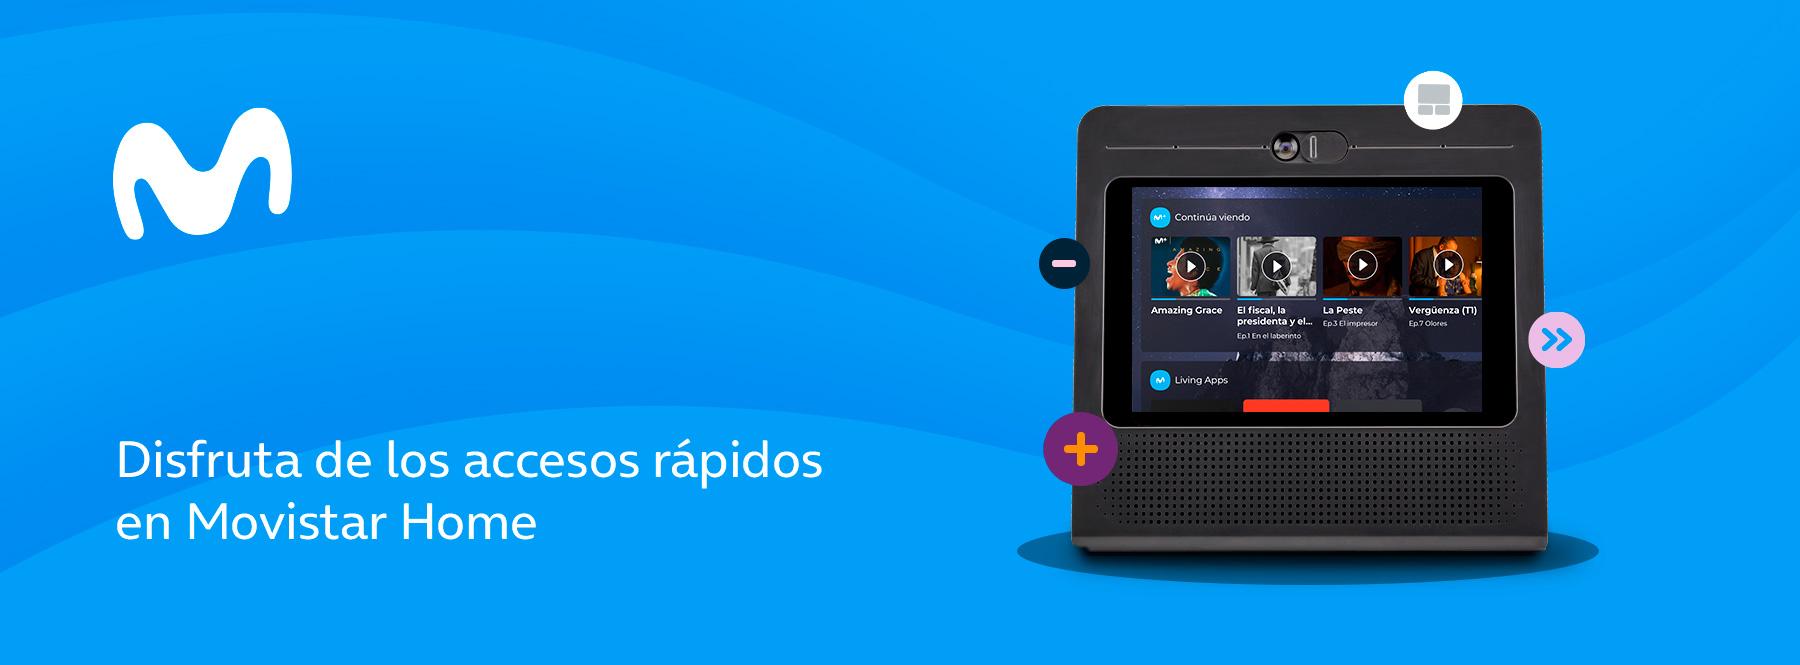 Cómo gestionar y personalizar los accesos rápidos en Movistar Home